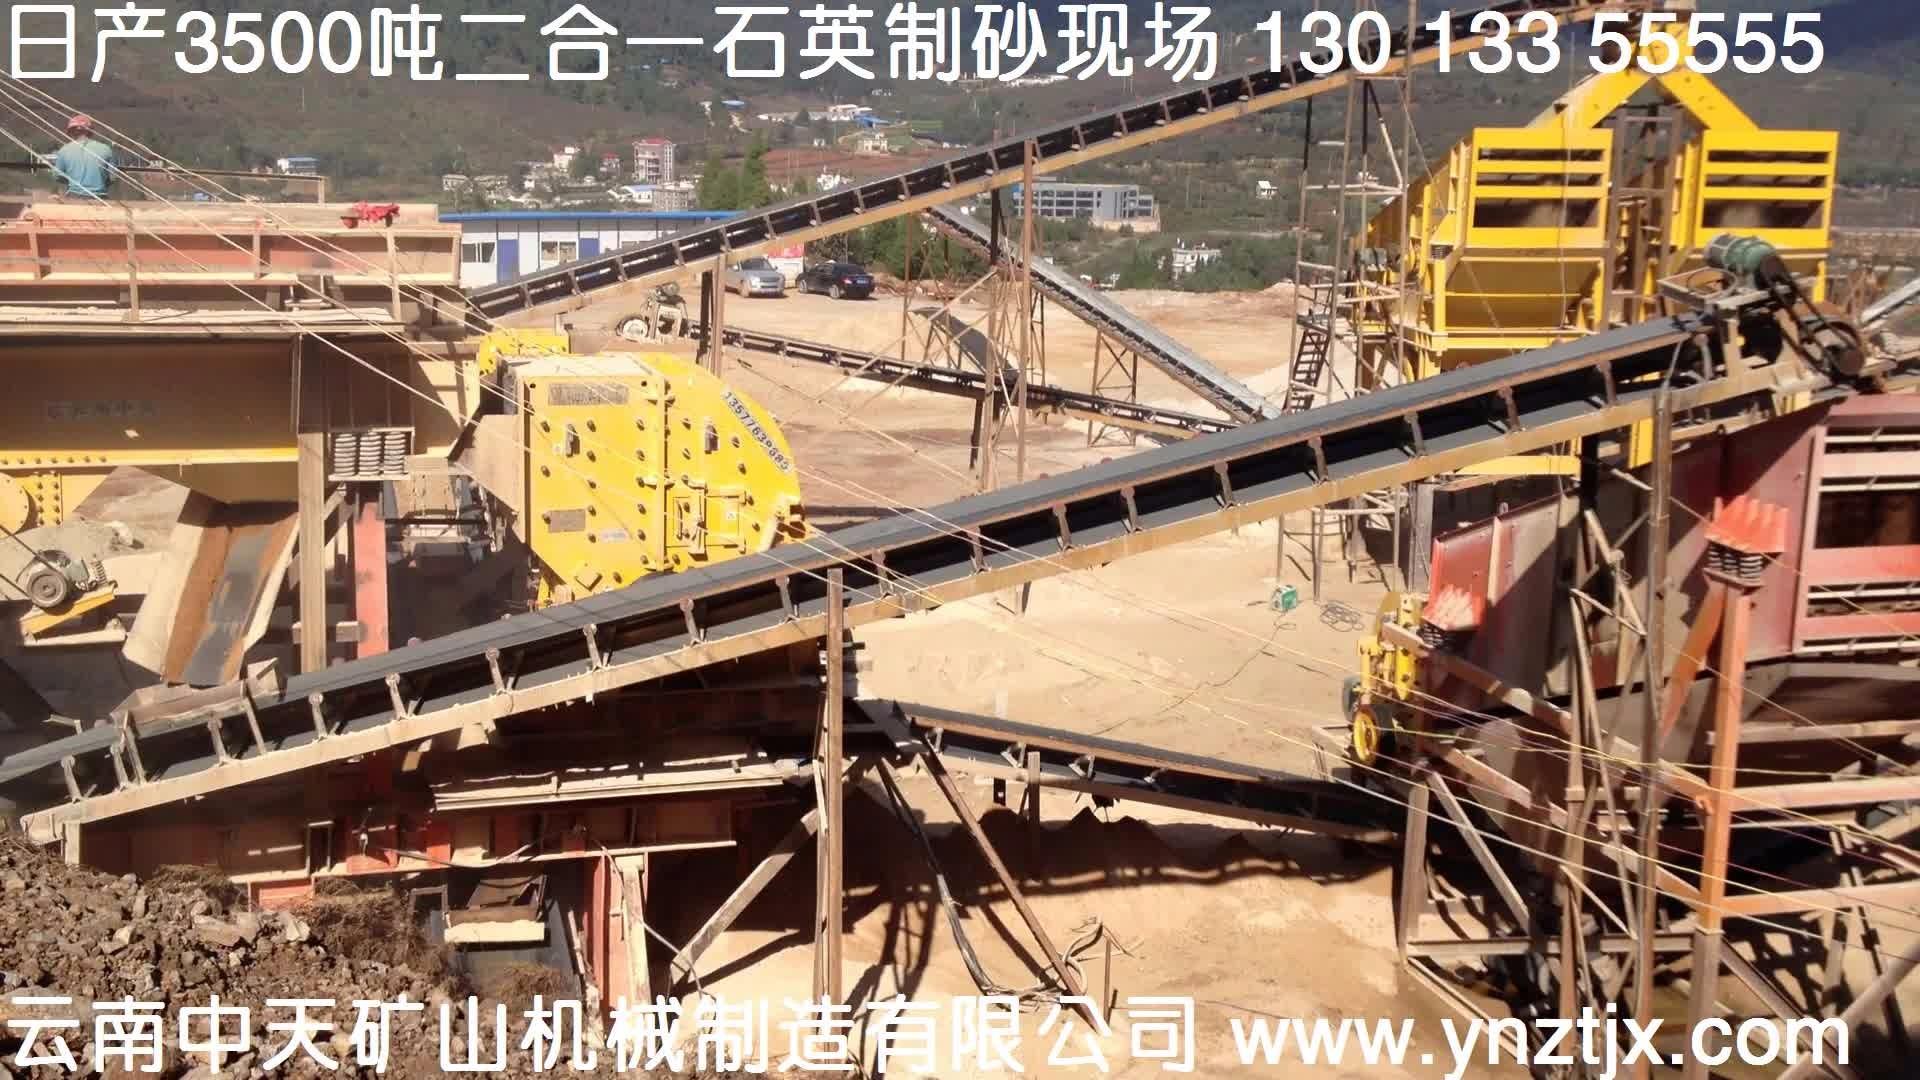 云南日产3500吨3台manbetx官网电脑版制砂生产线现场一